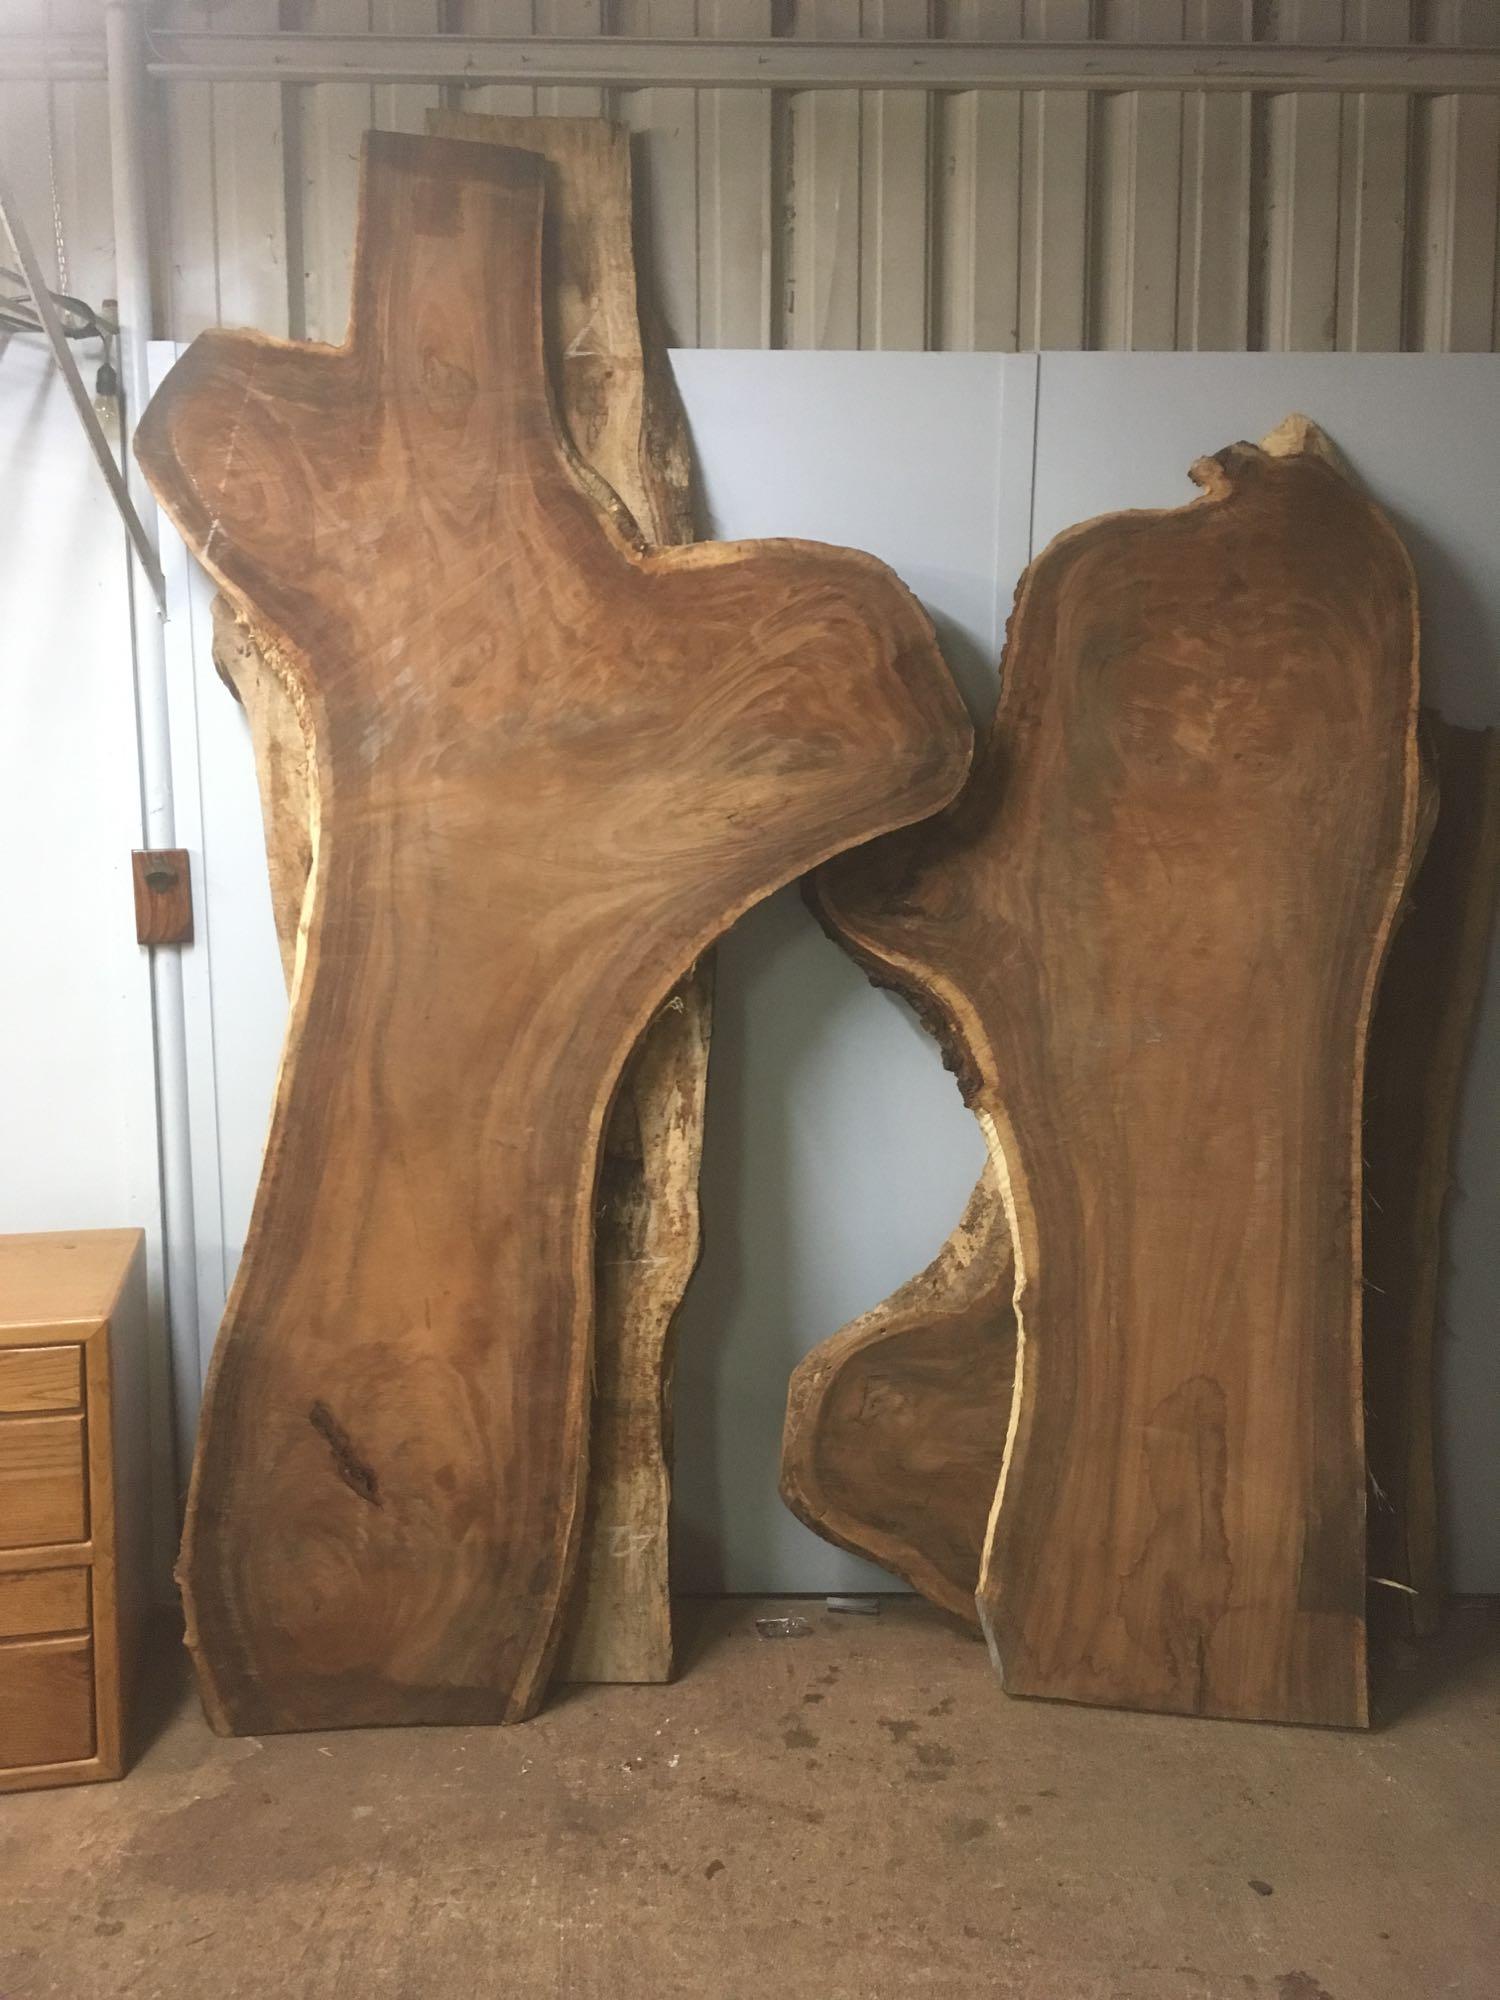 Giant slabs!